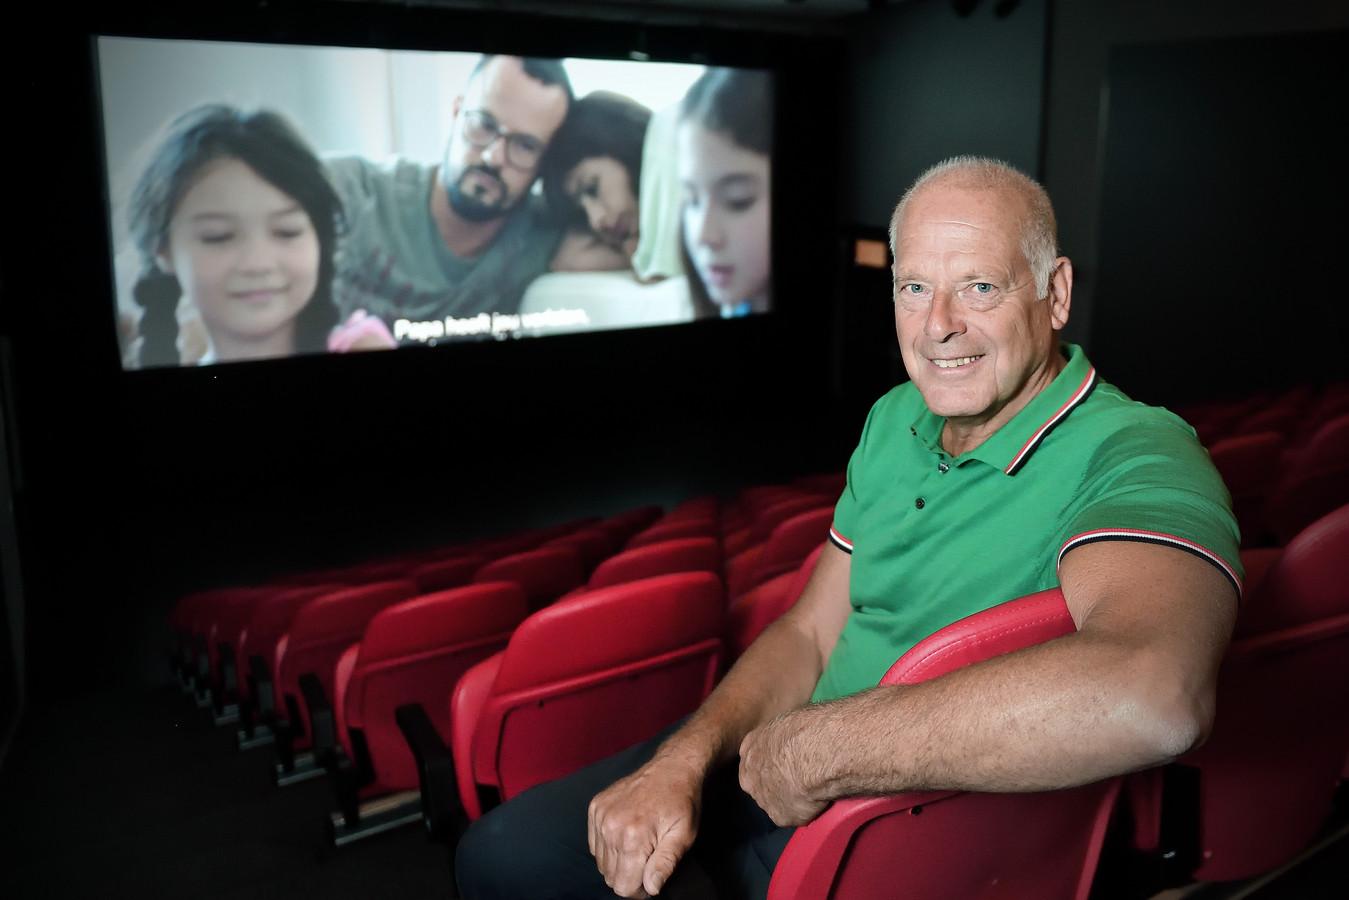 Ad Uijtdewillige van filmtheater Fanfare verwacht dit jaar de 60.000e bezoeker.